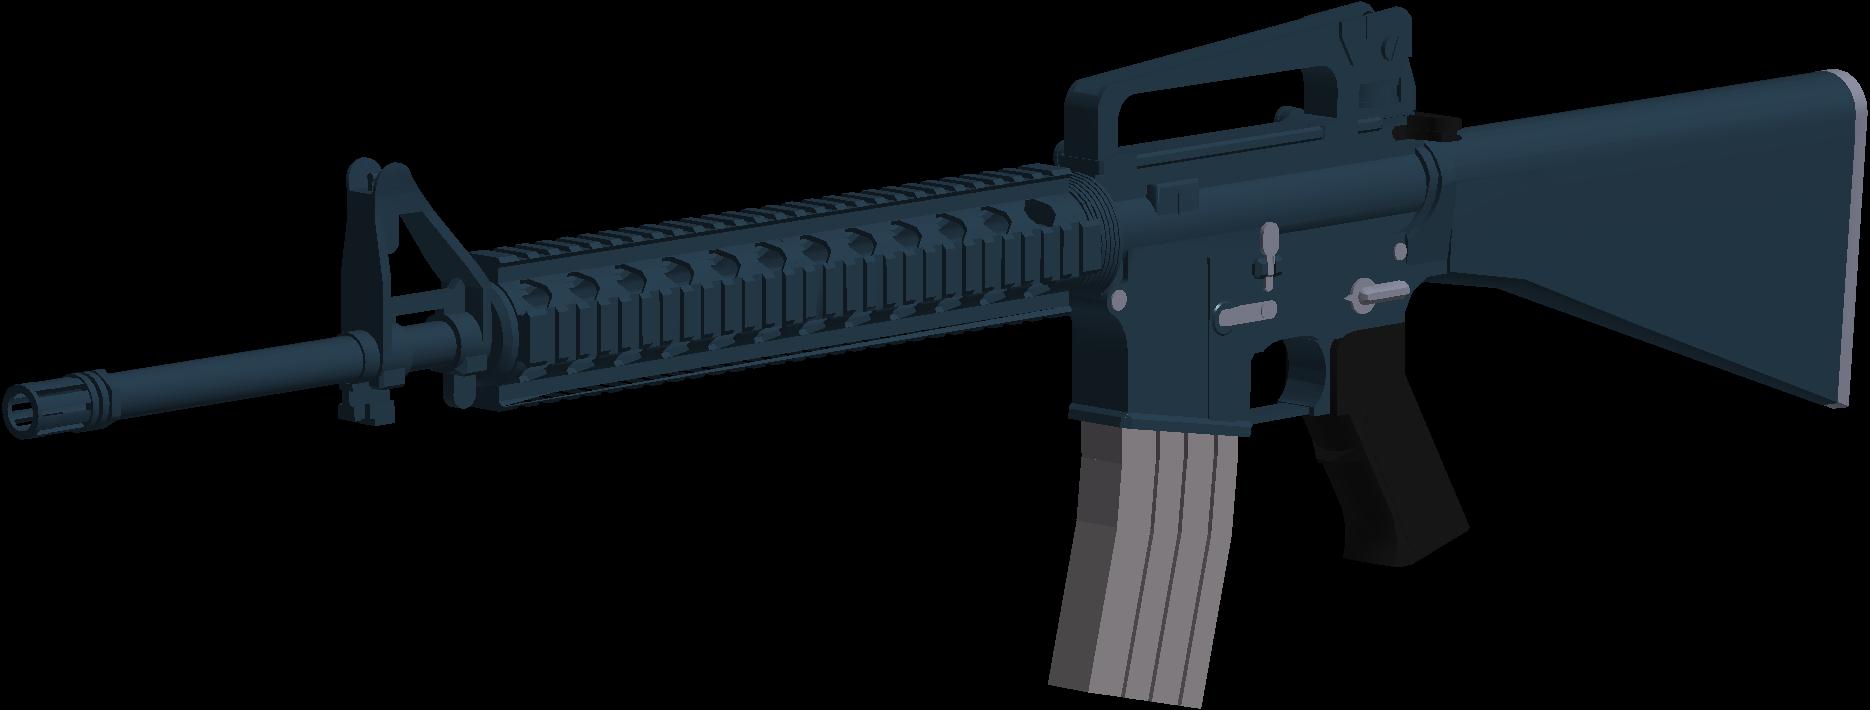 M16a4 Phantom Forces Wiki Fandom Powered By Wikia